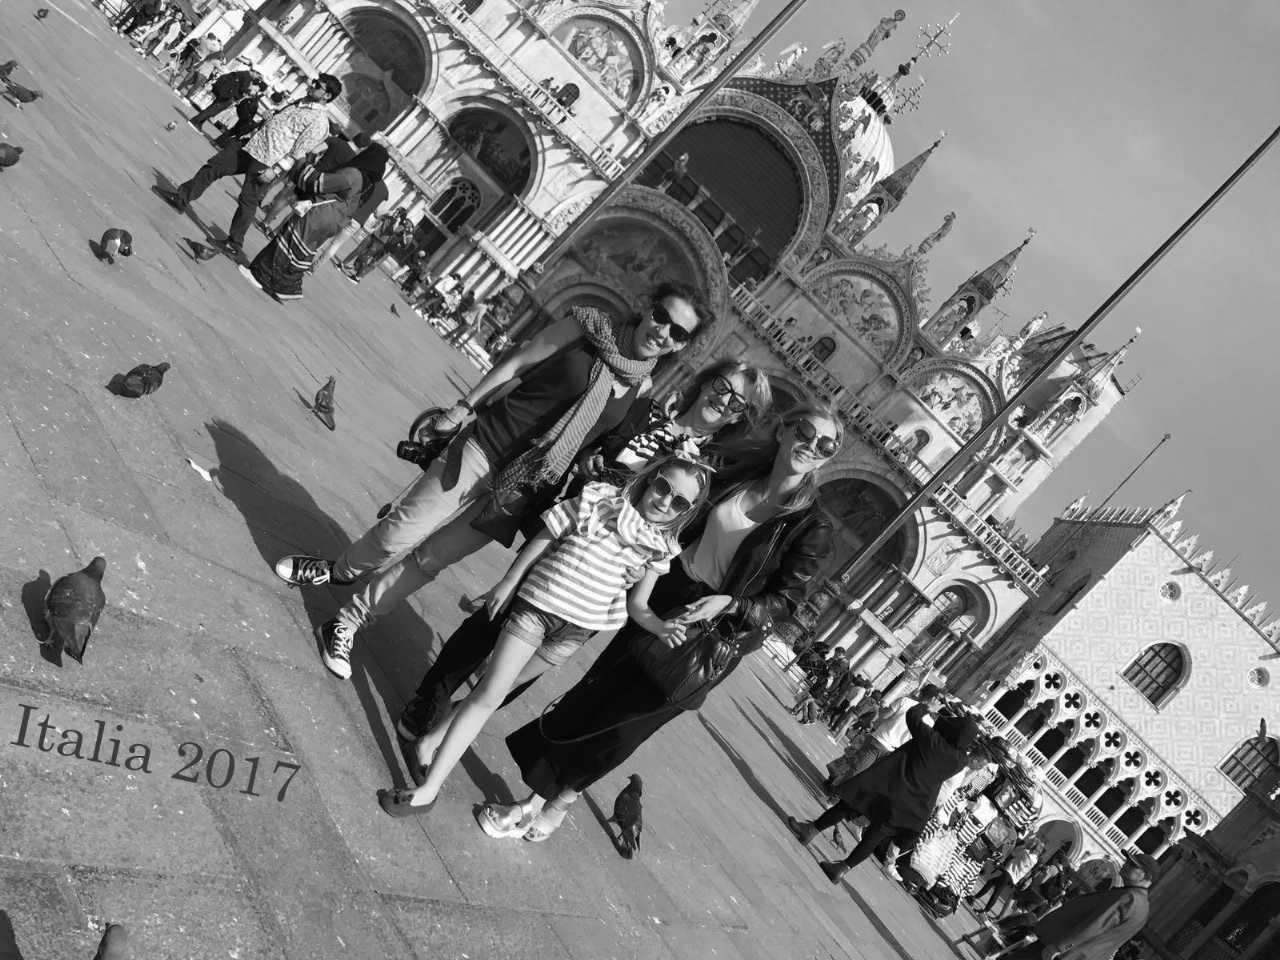 Italia con Gala 2